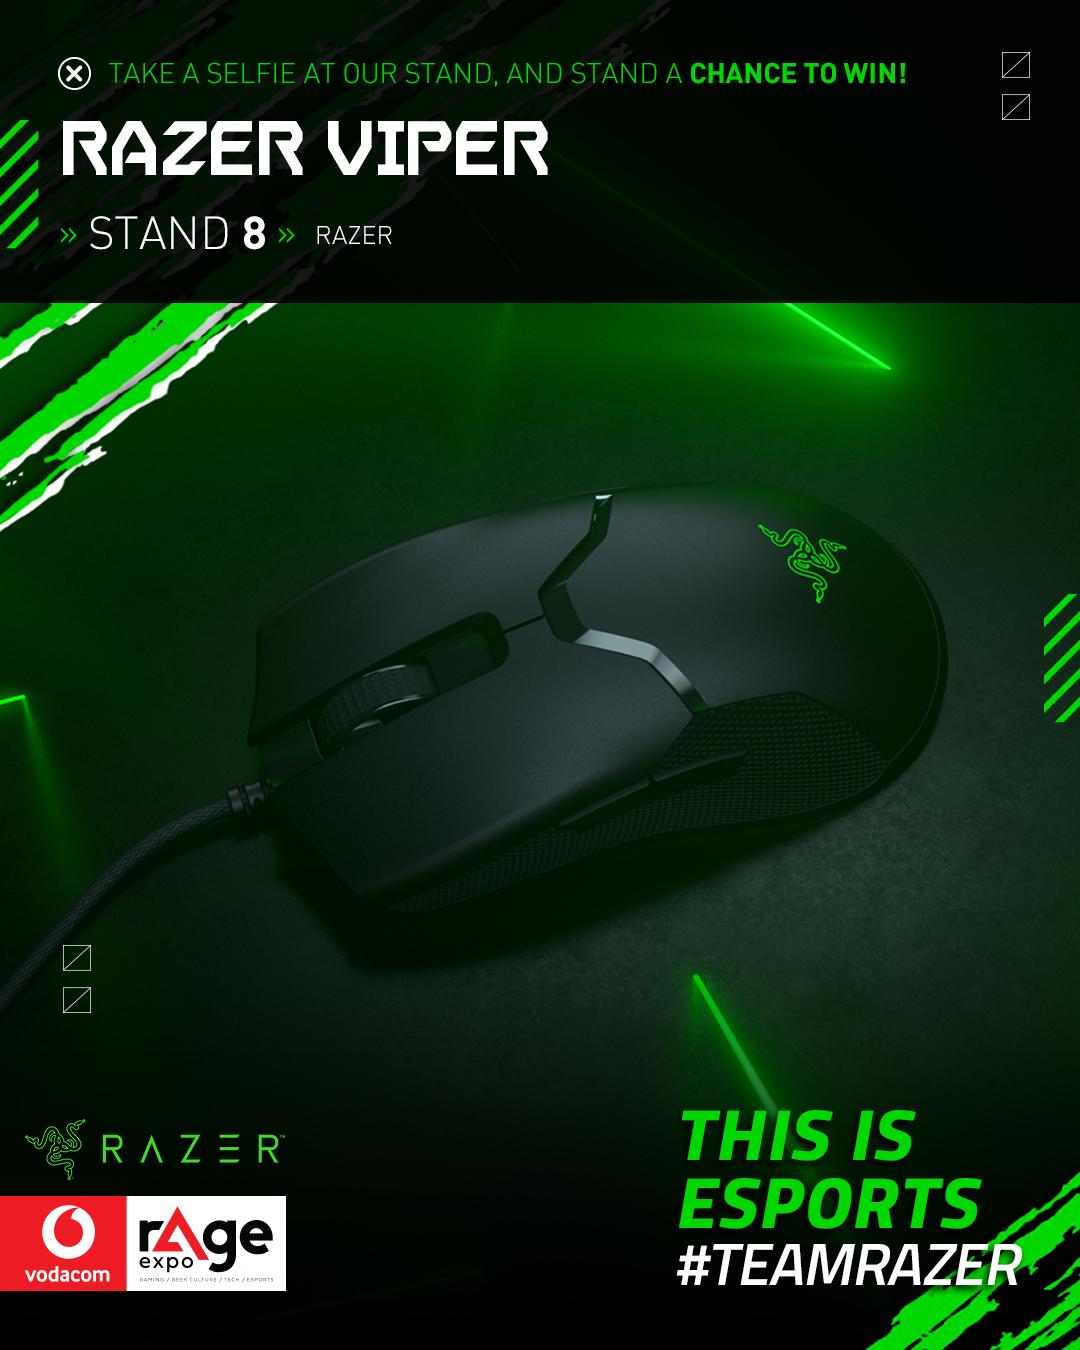 Vodacom rAge 2019 - Razer Viper